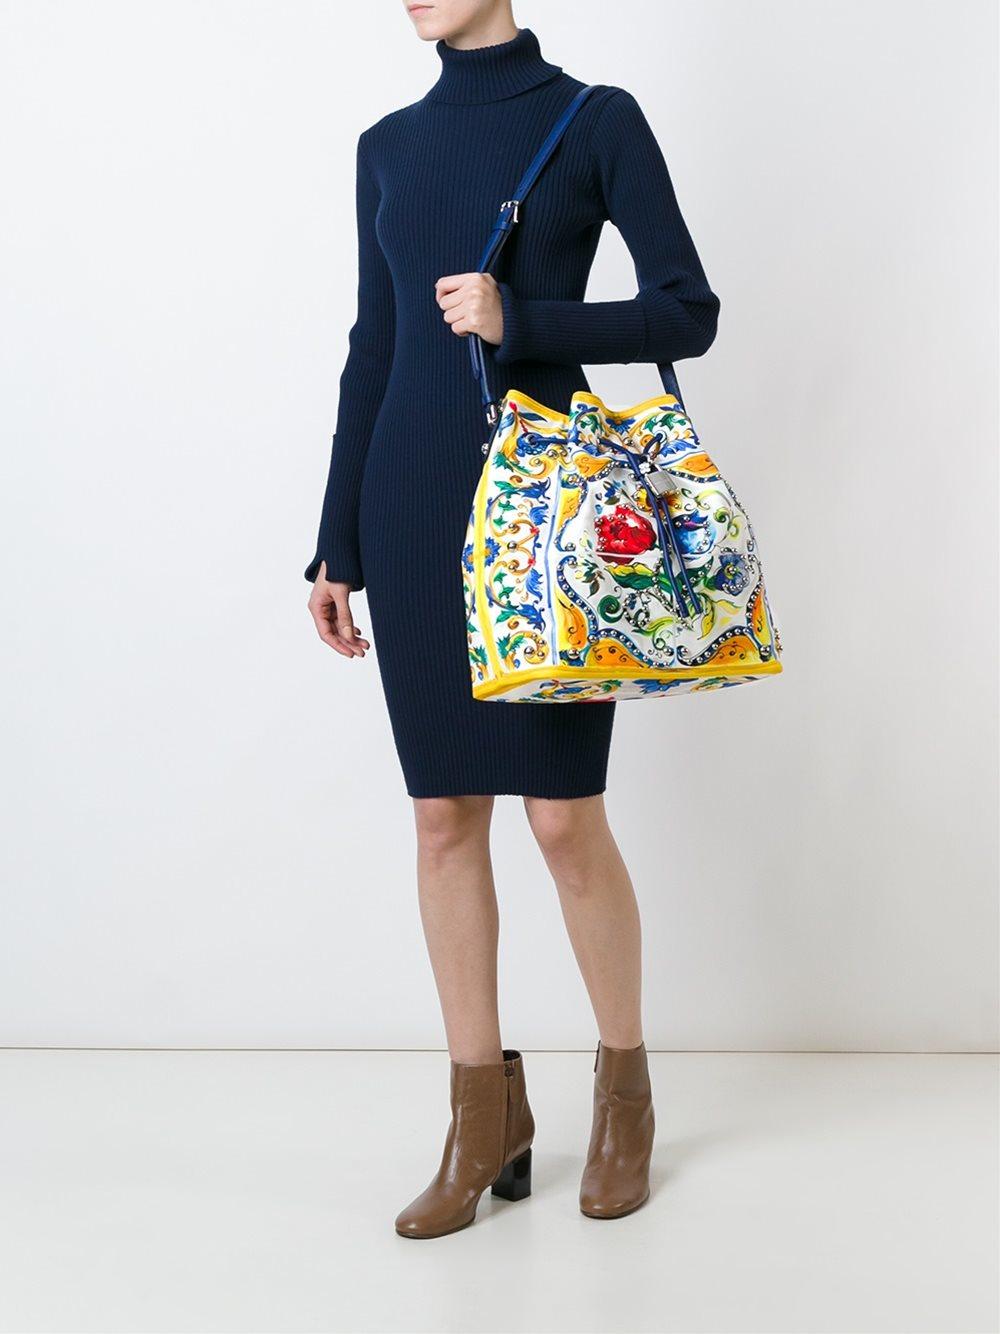 Dolce & Gabbana Cotton Majolica Print Bucket Tote